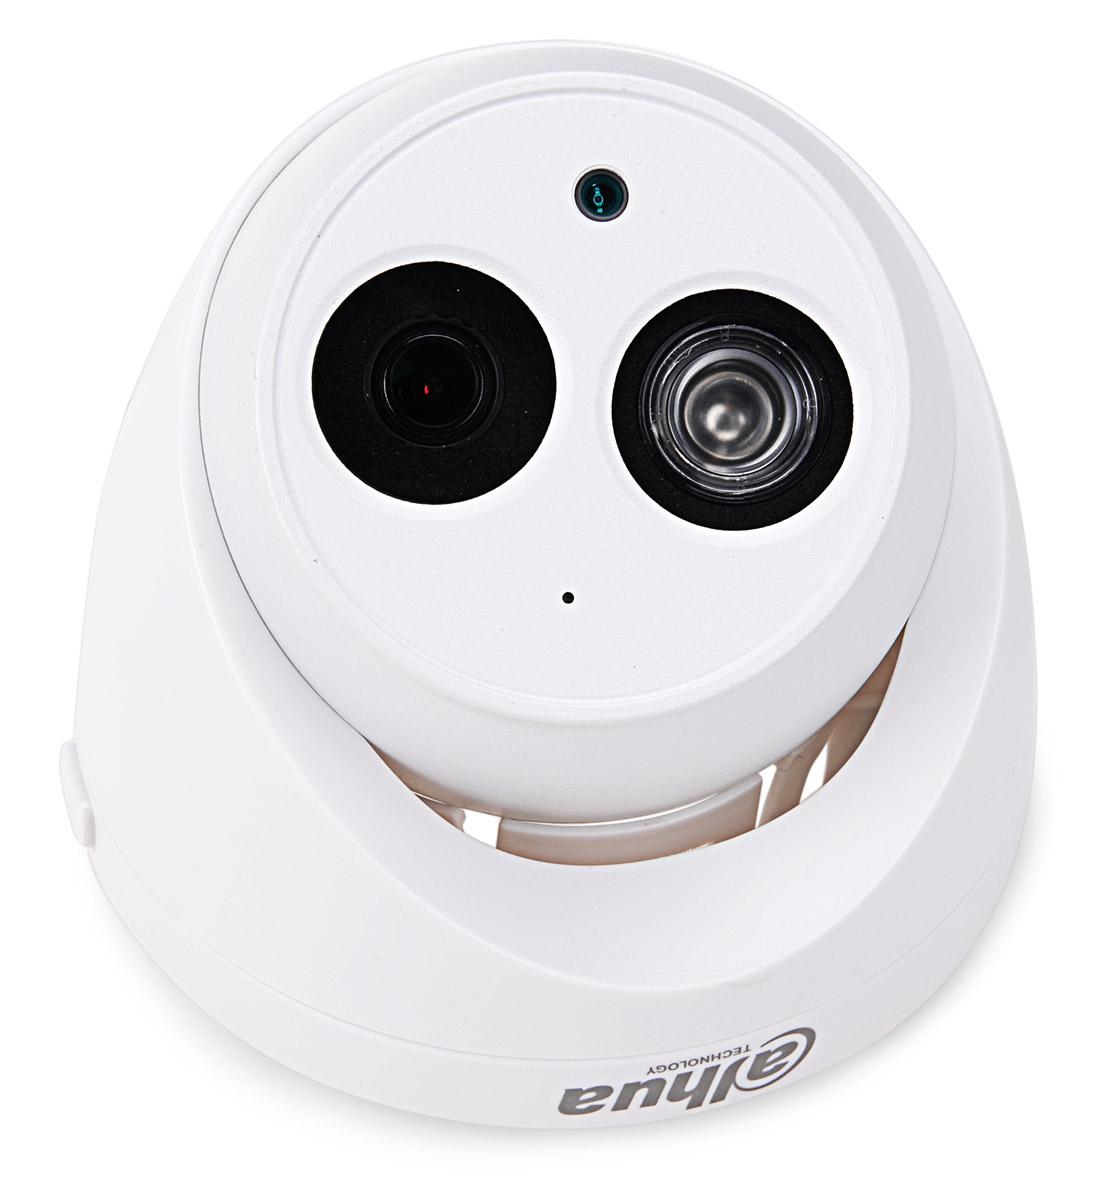 Oświetlacz podczerwieni kamery DH-IPC-HDW4221E-AS